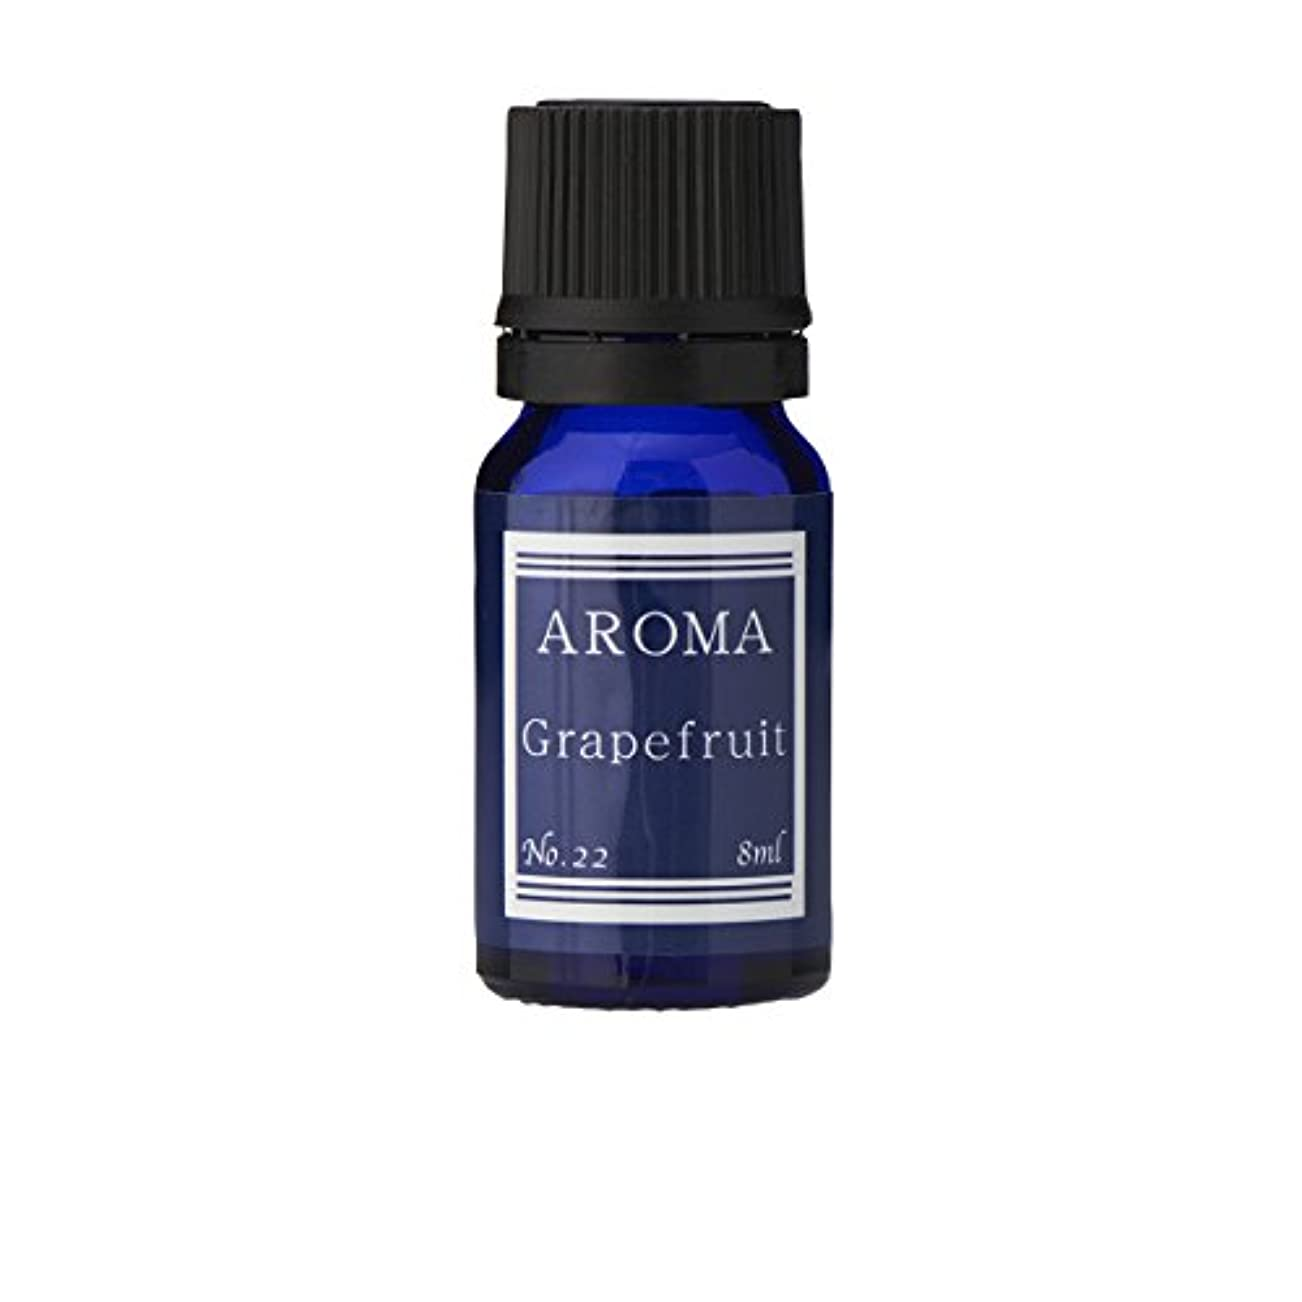 ゆり階層持ってるブルーラベル アロマエッセンス8ml グレープフルーツ(アロマオイル 調合香料 芳香用)